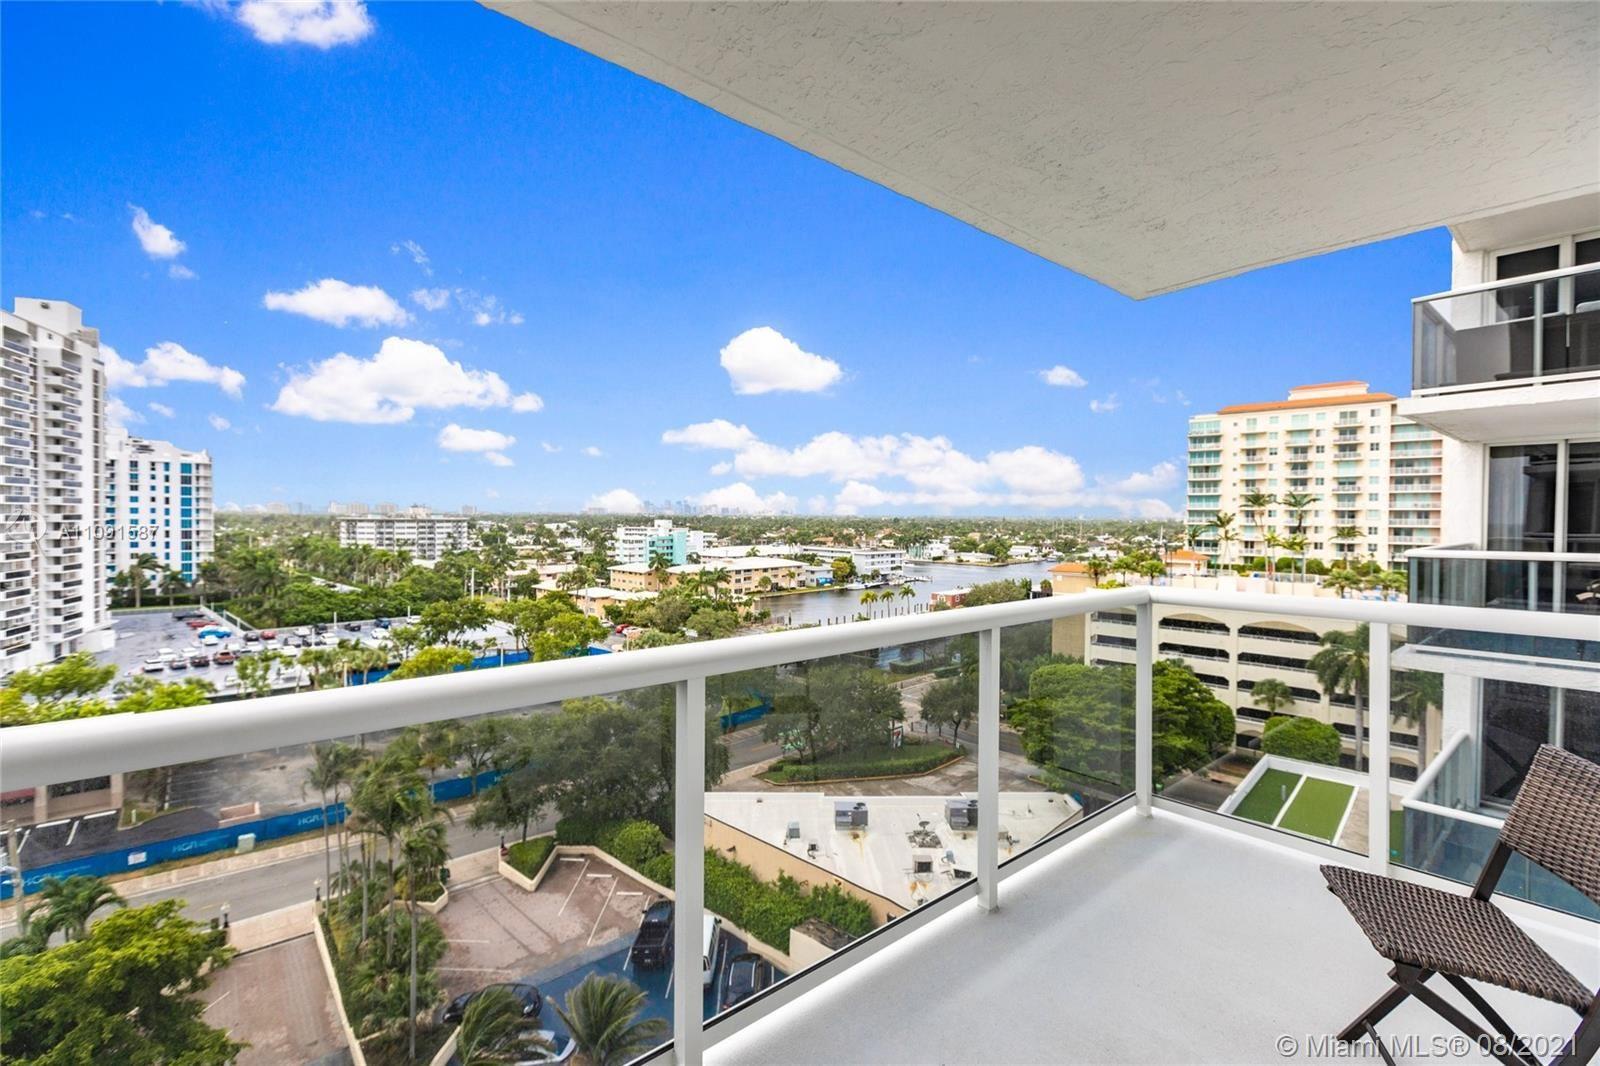 3015 N Ocean Blvd #9I, Fort Lauderdale, FL 33308 - #: A11091587